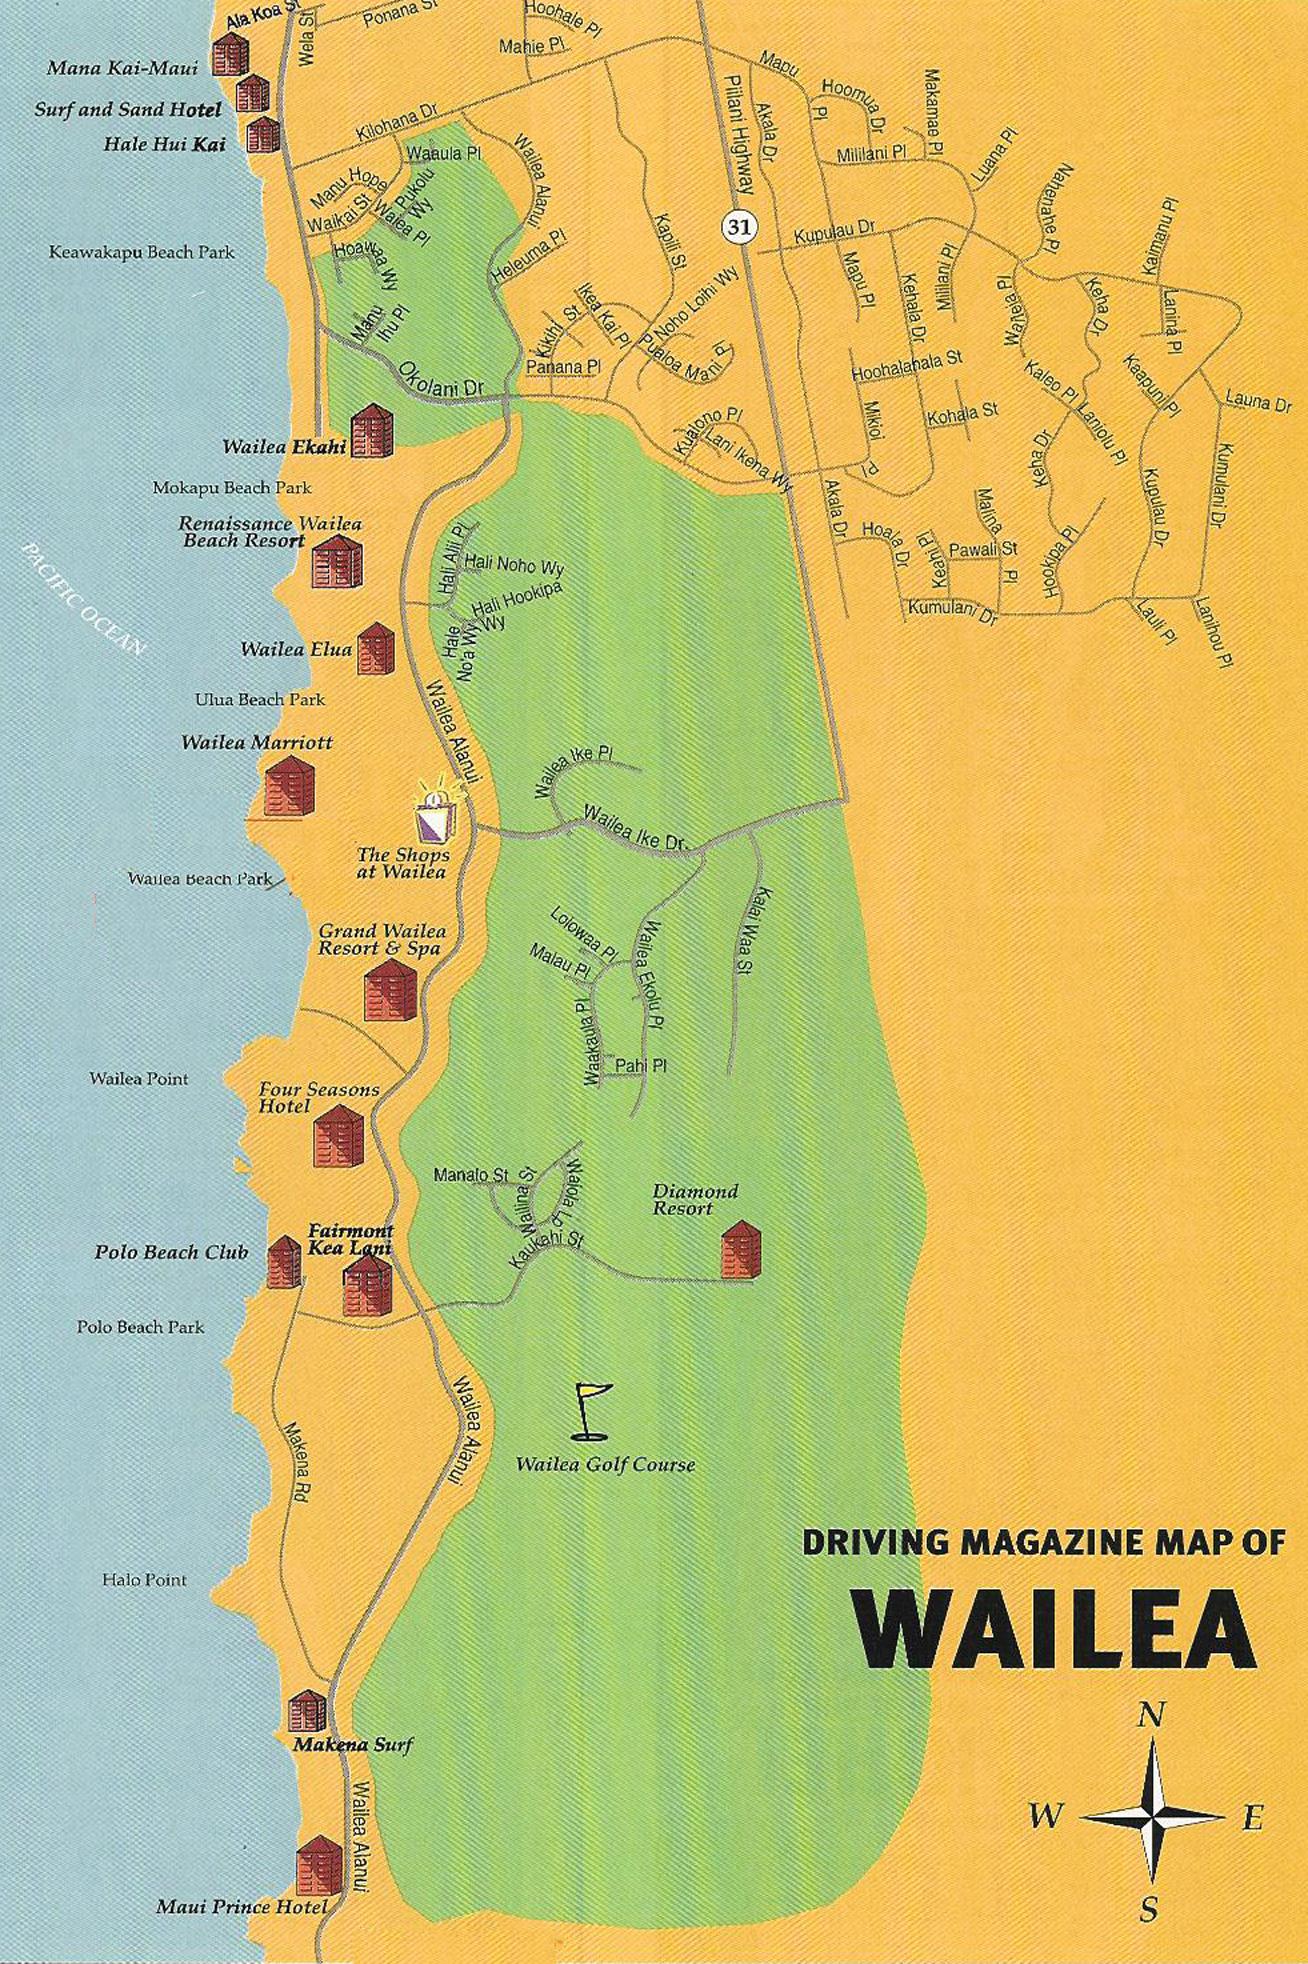 Maui - Wailea and Makena Beach area | Travel - Hawaii - Maui ...